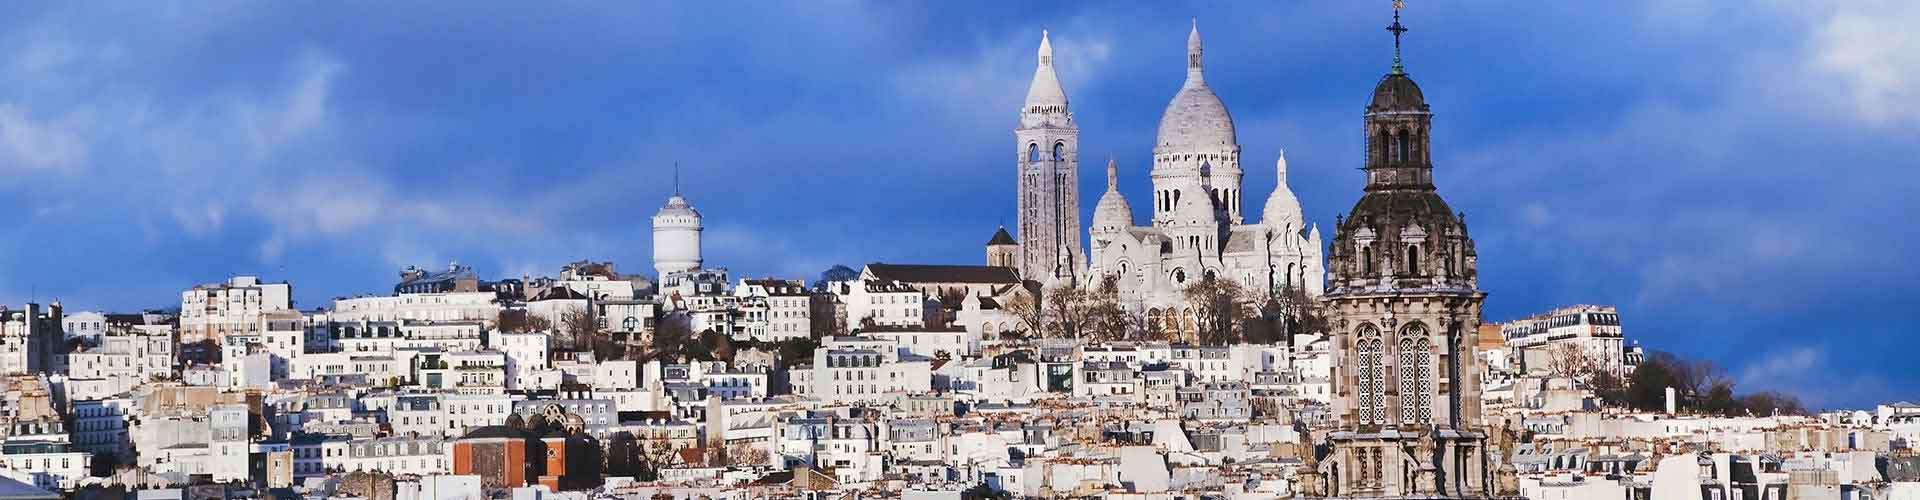 Pariisi – Hostellit kaupungiosassa Montmartre. Pariisi -karttoja, valokuvia ja arvosteluja kaikista Pariisi -hostelleista.